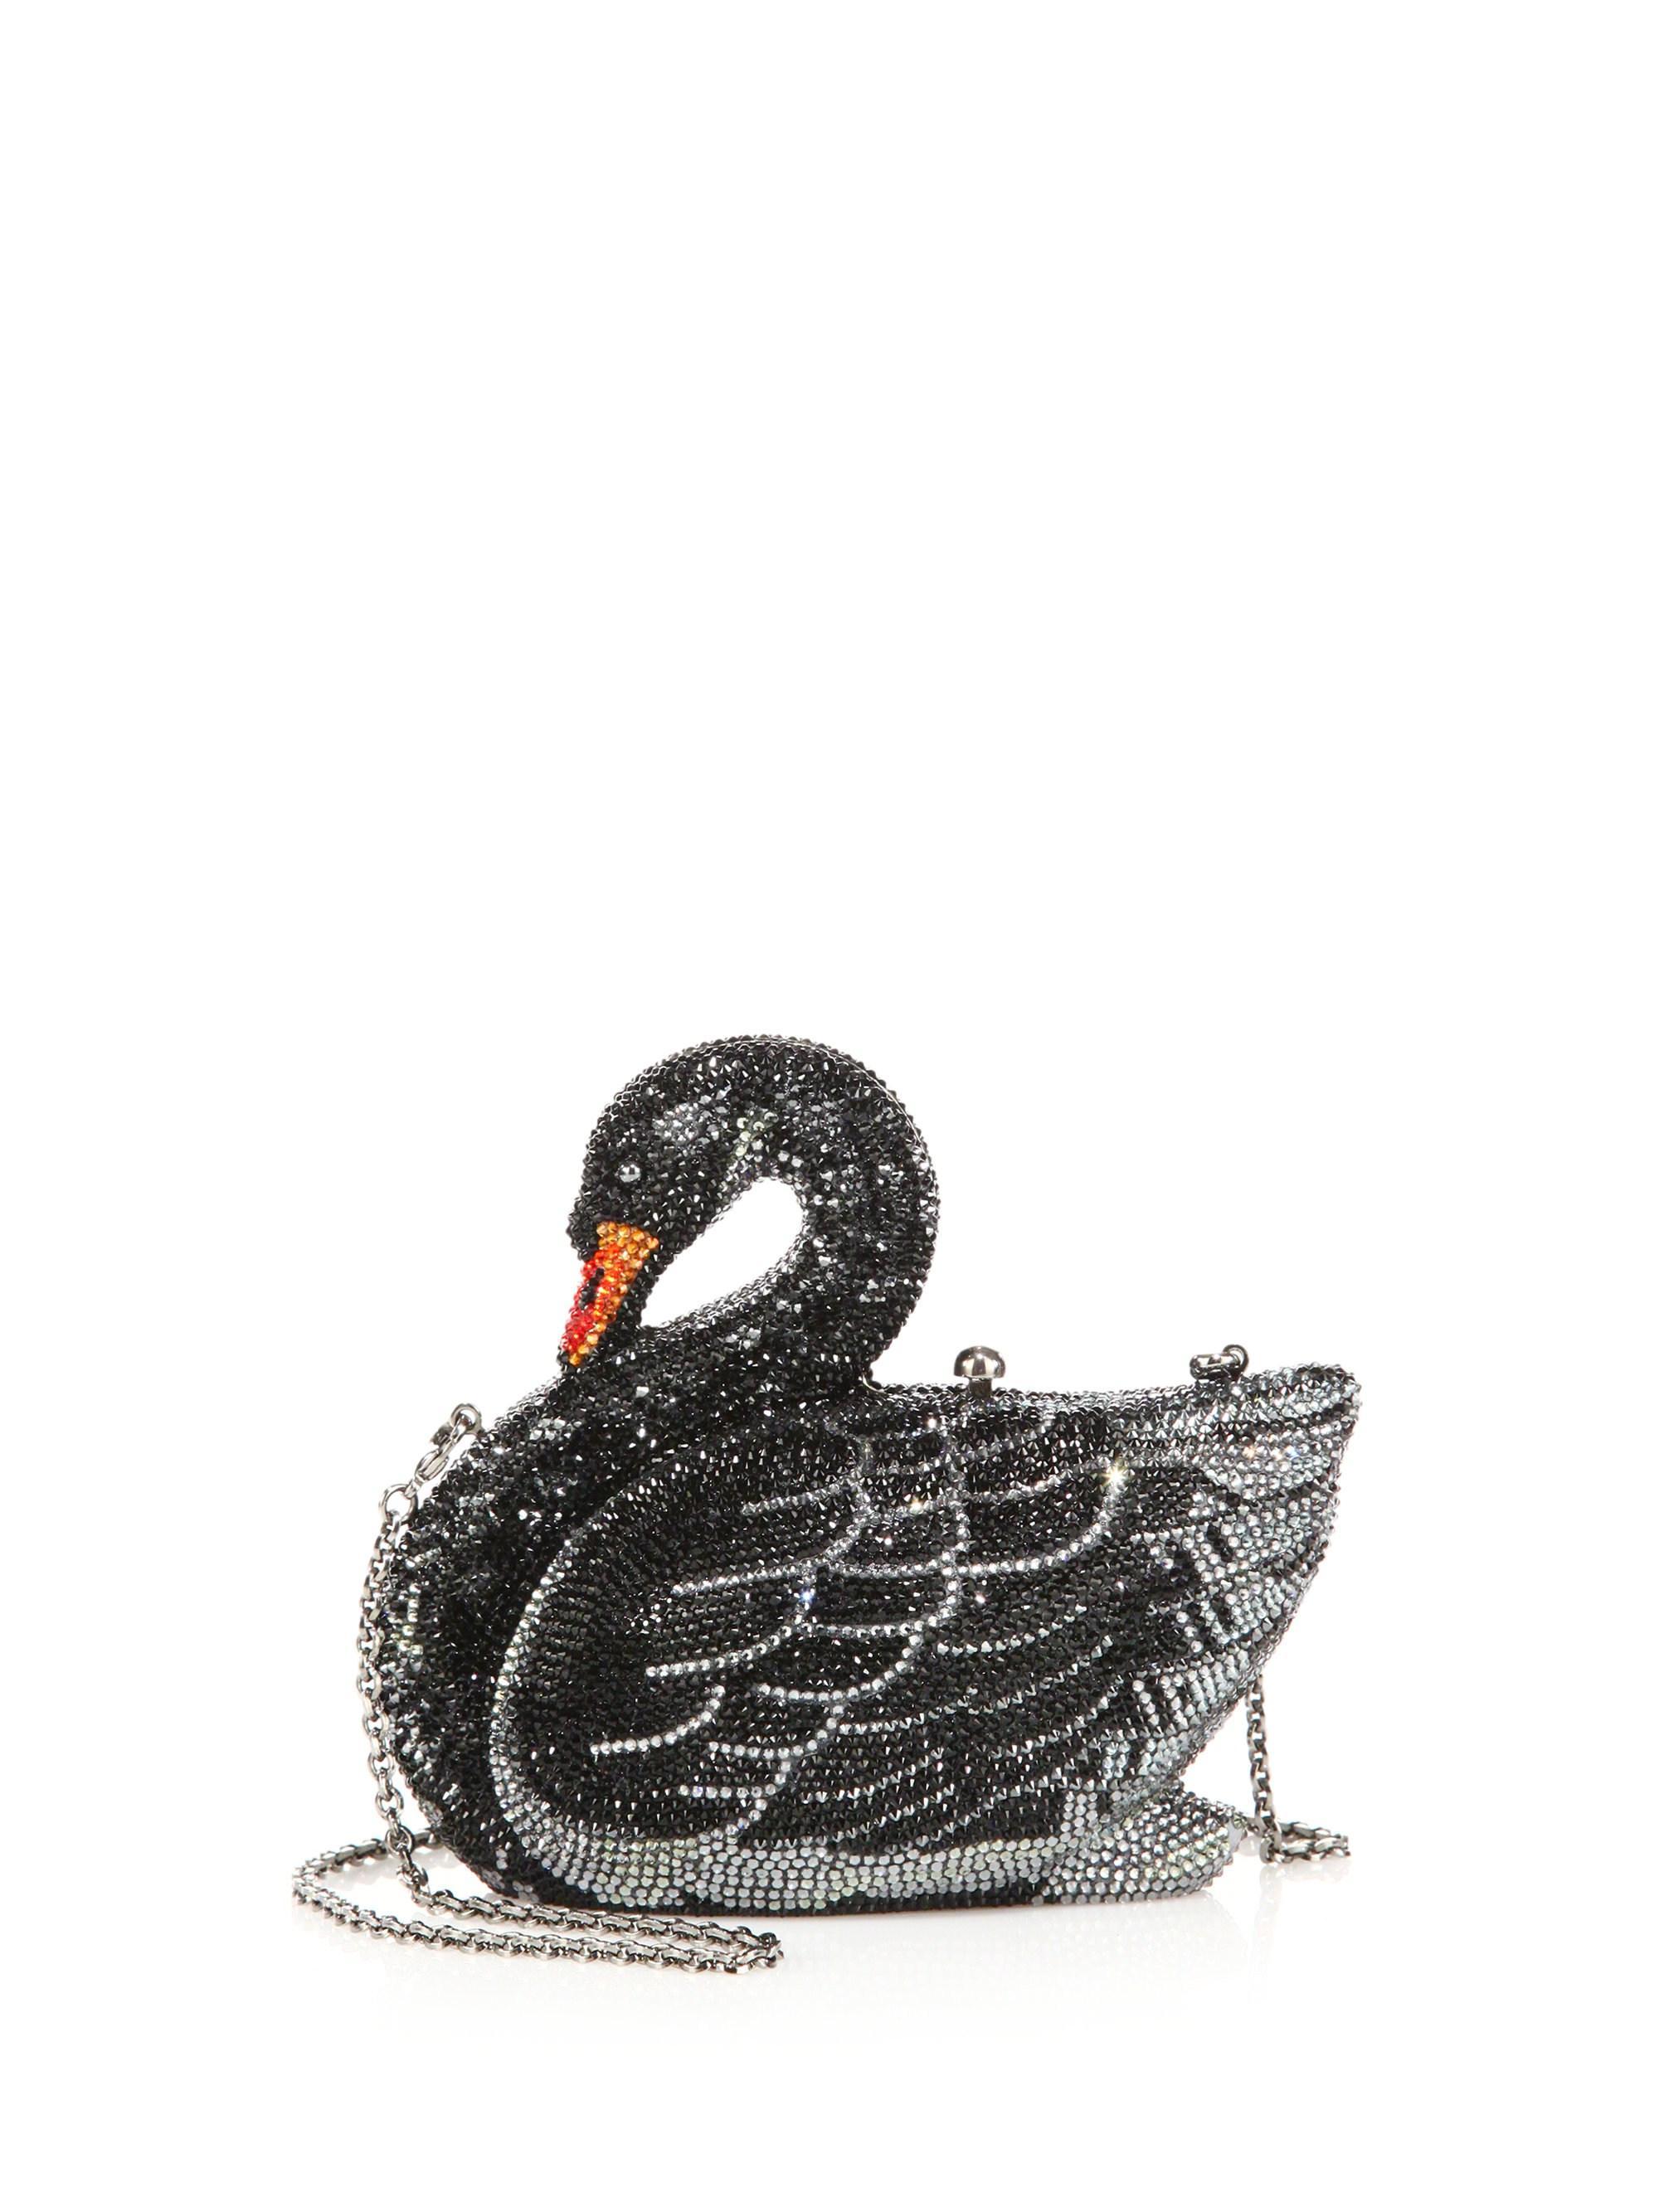 c673bdc1a Judith Leiber Swarovski Crystal Swan Clutch in Black - Lyst